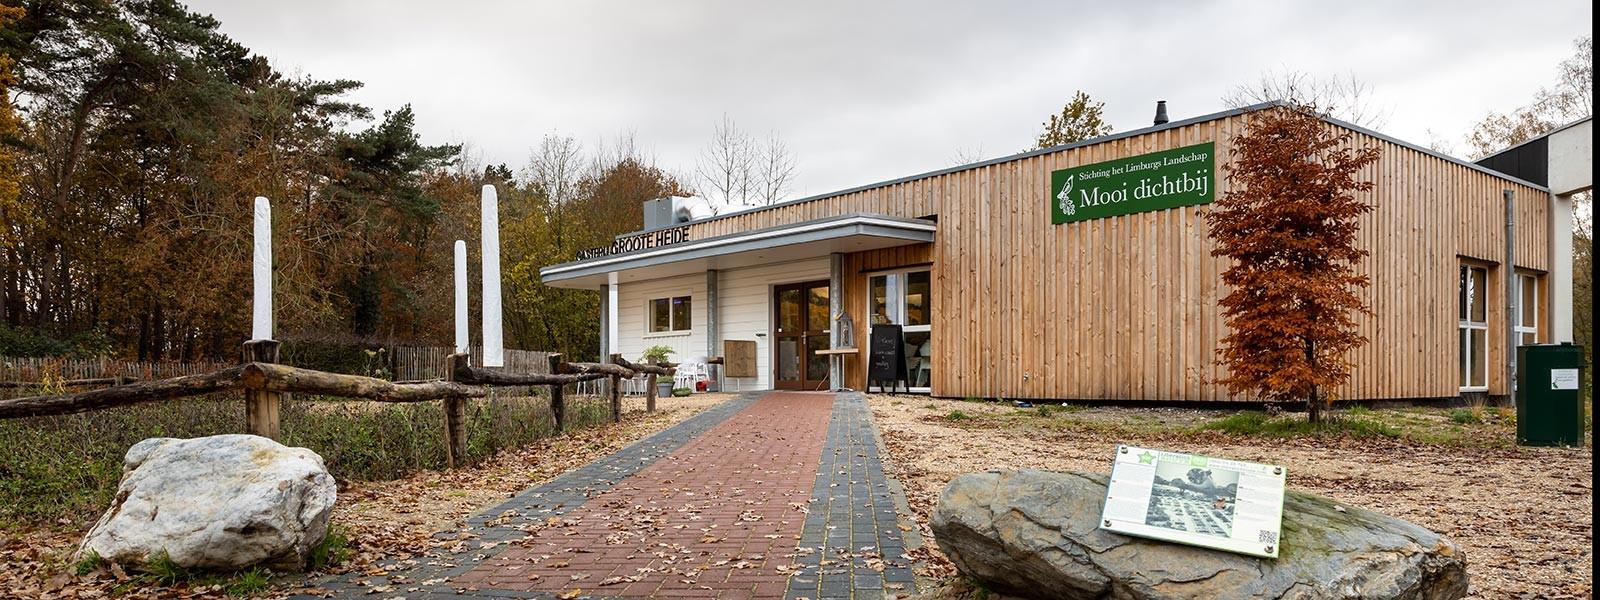 Gasterij Groote Heide, Venlo